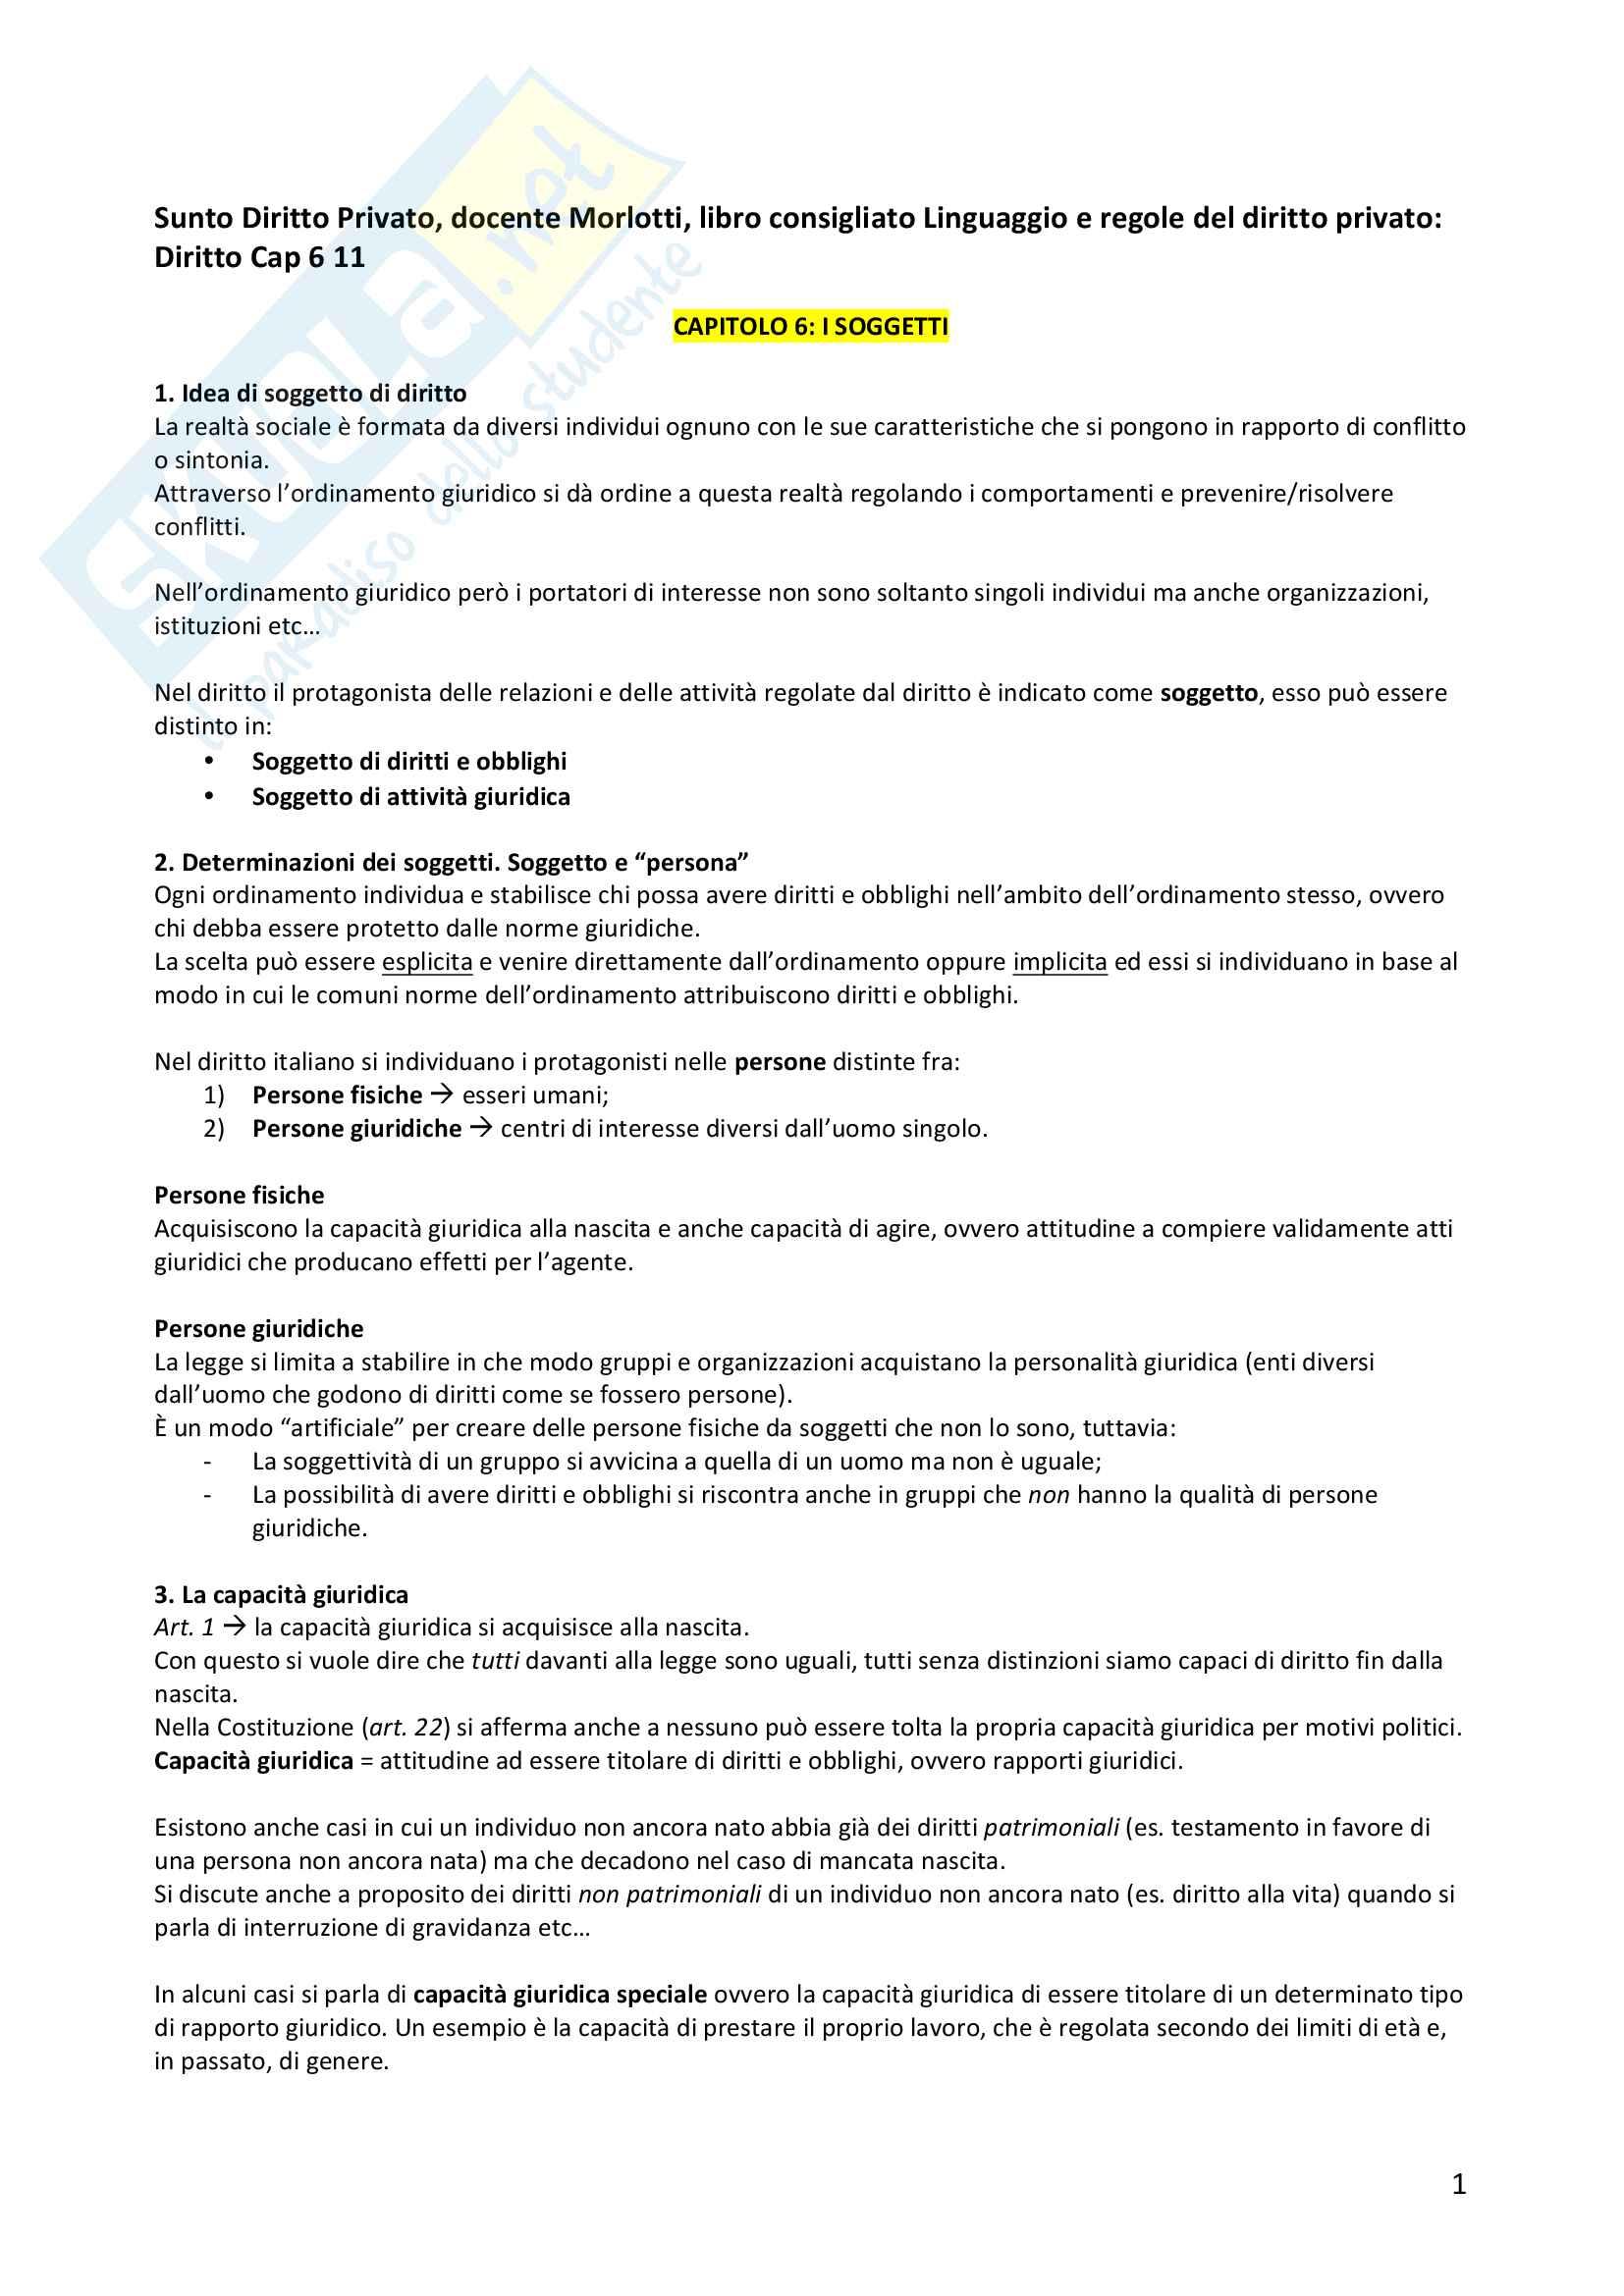 Riassunto esame Diritto Privato, docente Morlotti, libro consigliato Linguaggio e regole del diritto privato, Cap 6-11